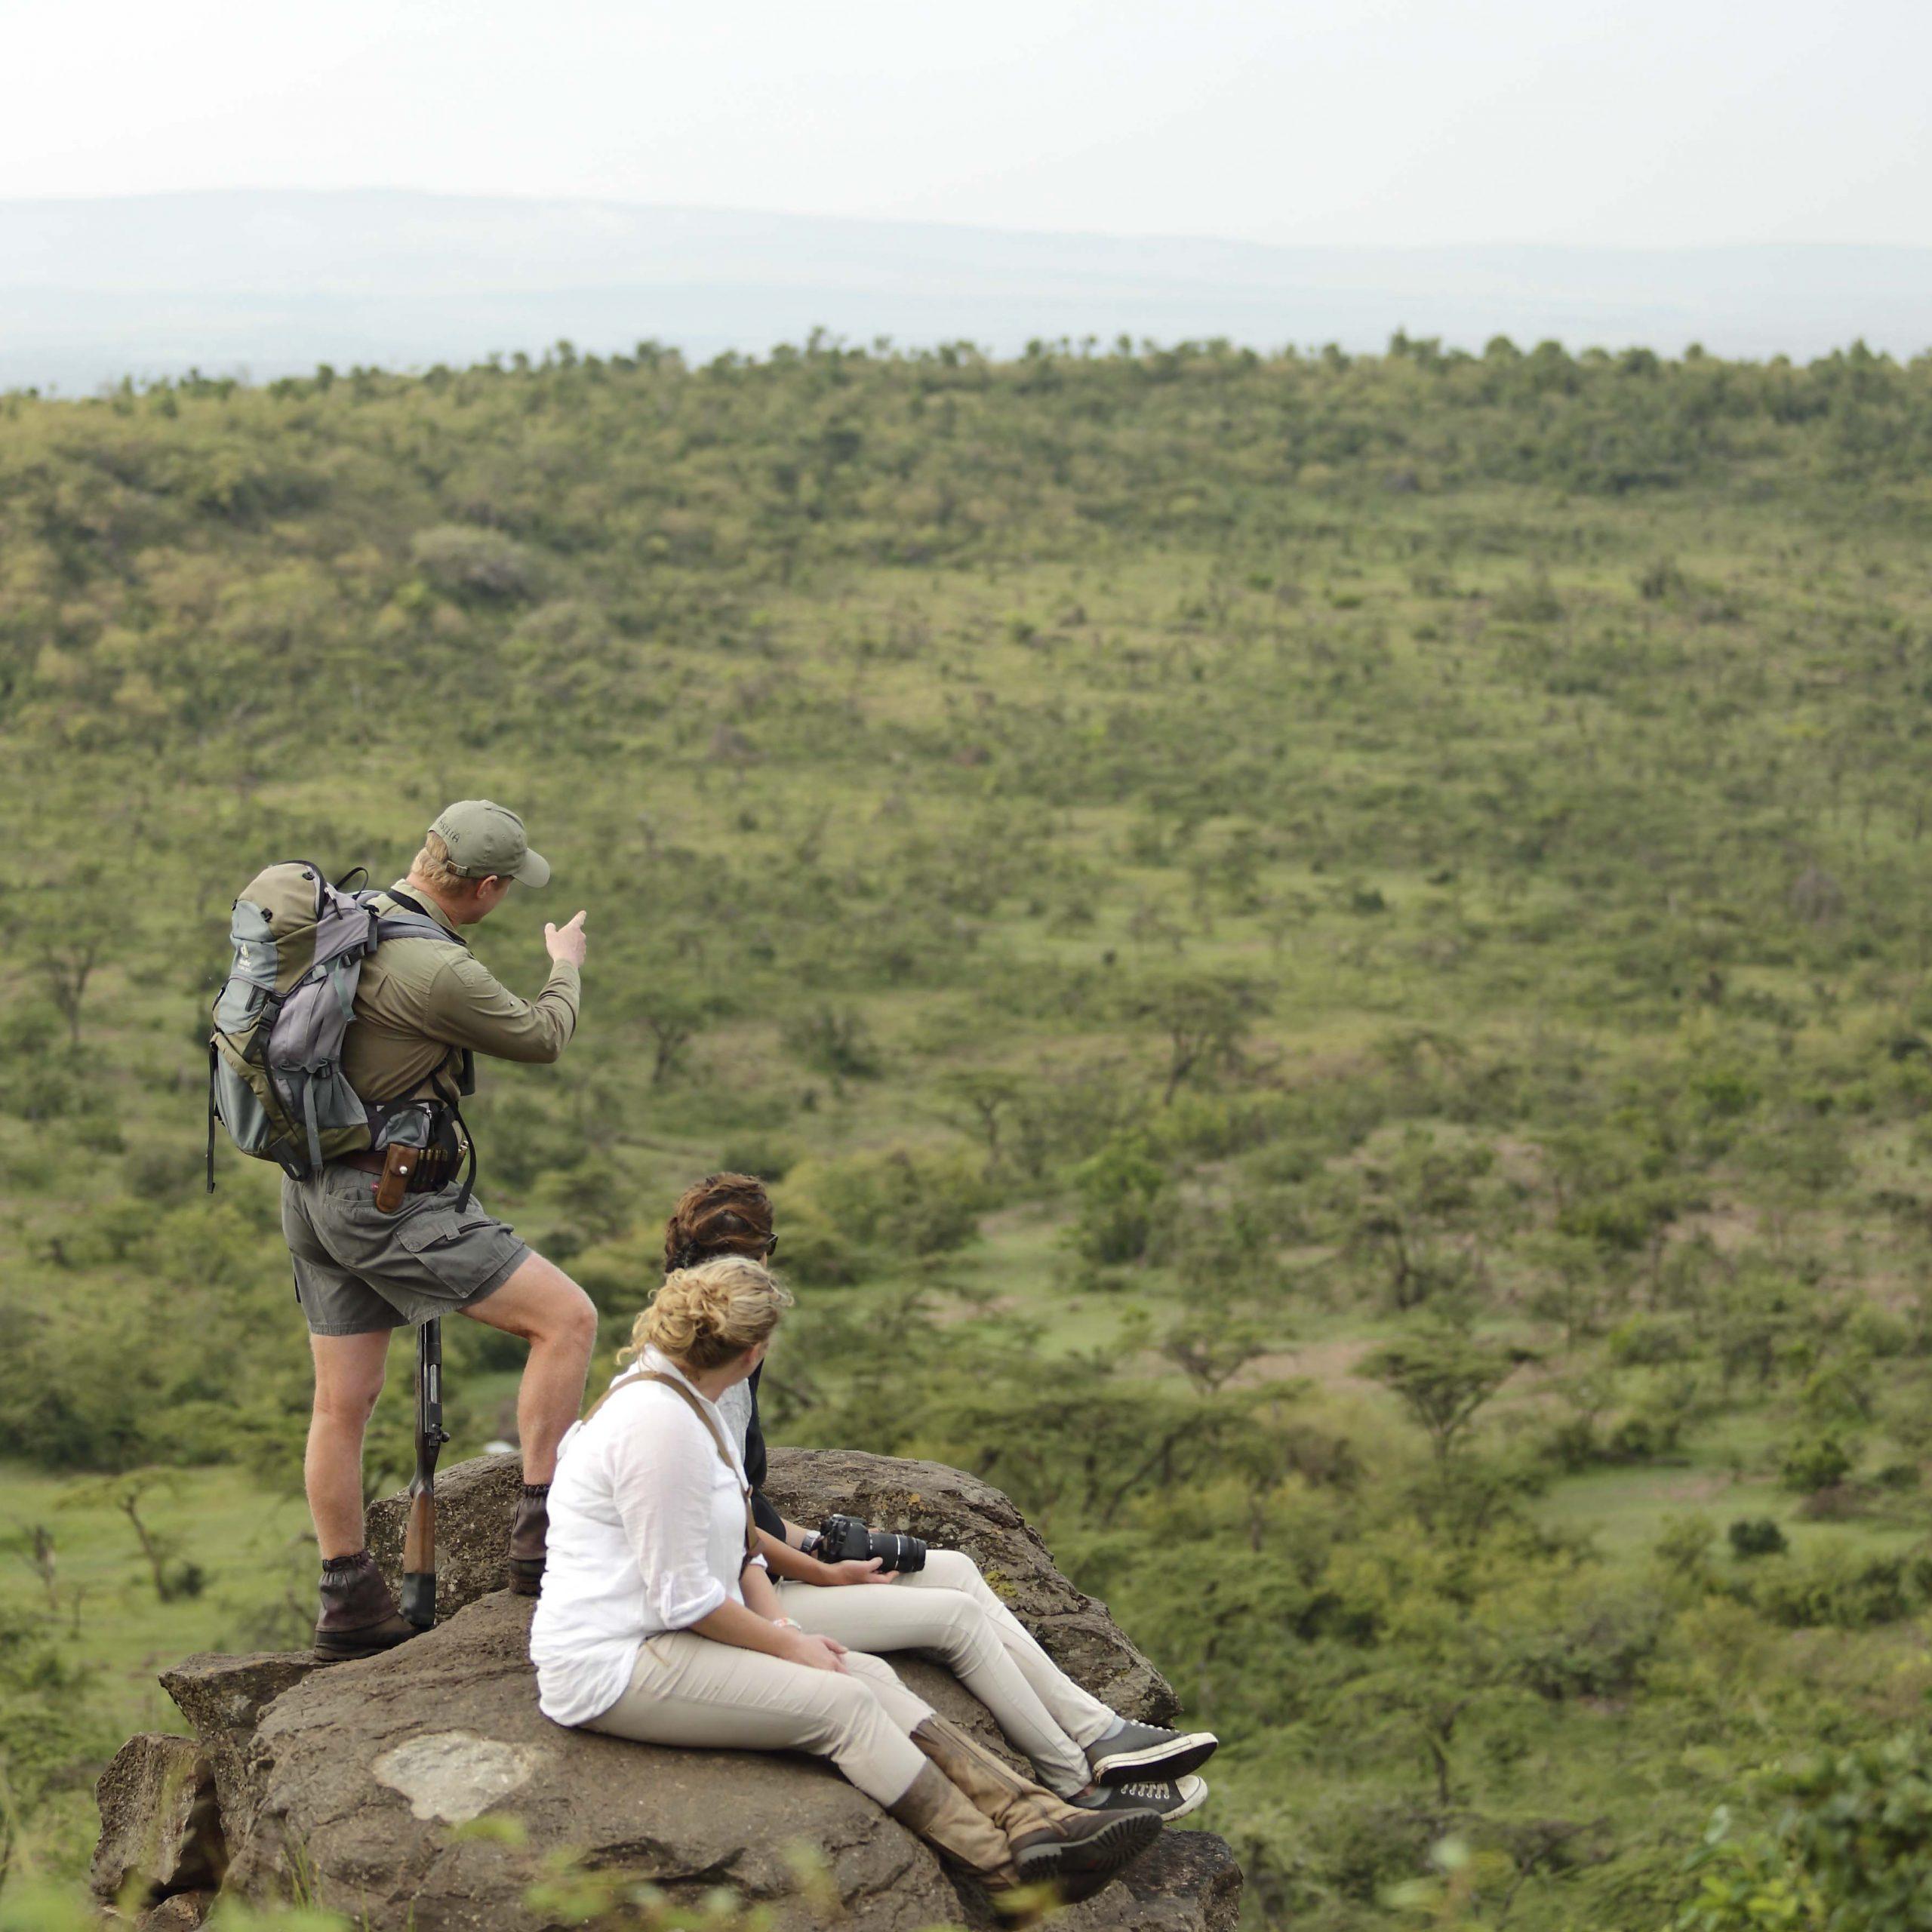 Day 09: On to Naboisho Conservancy